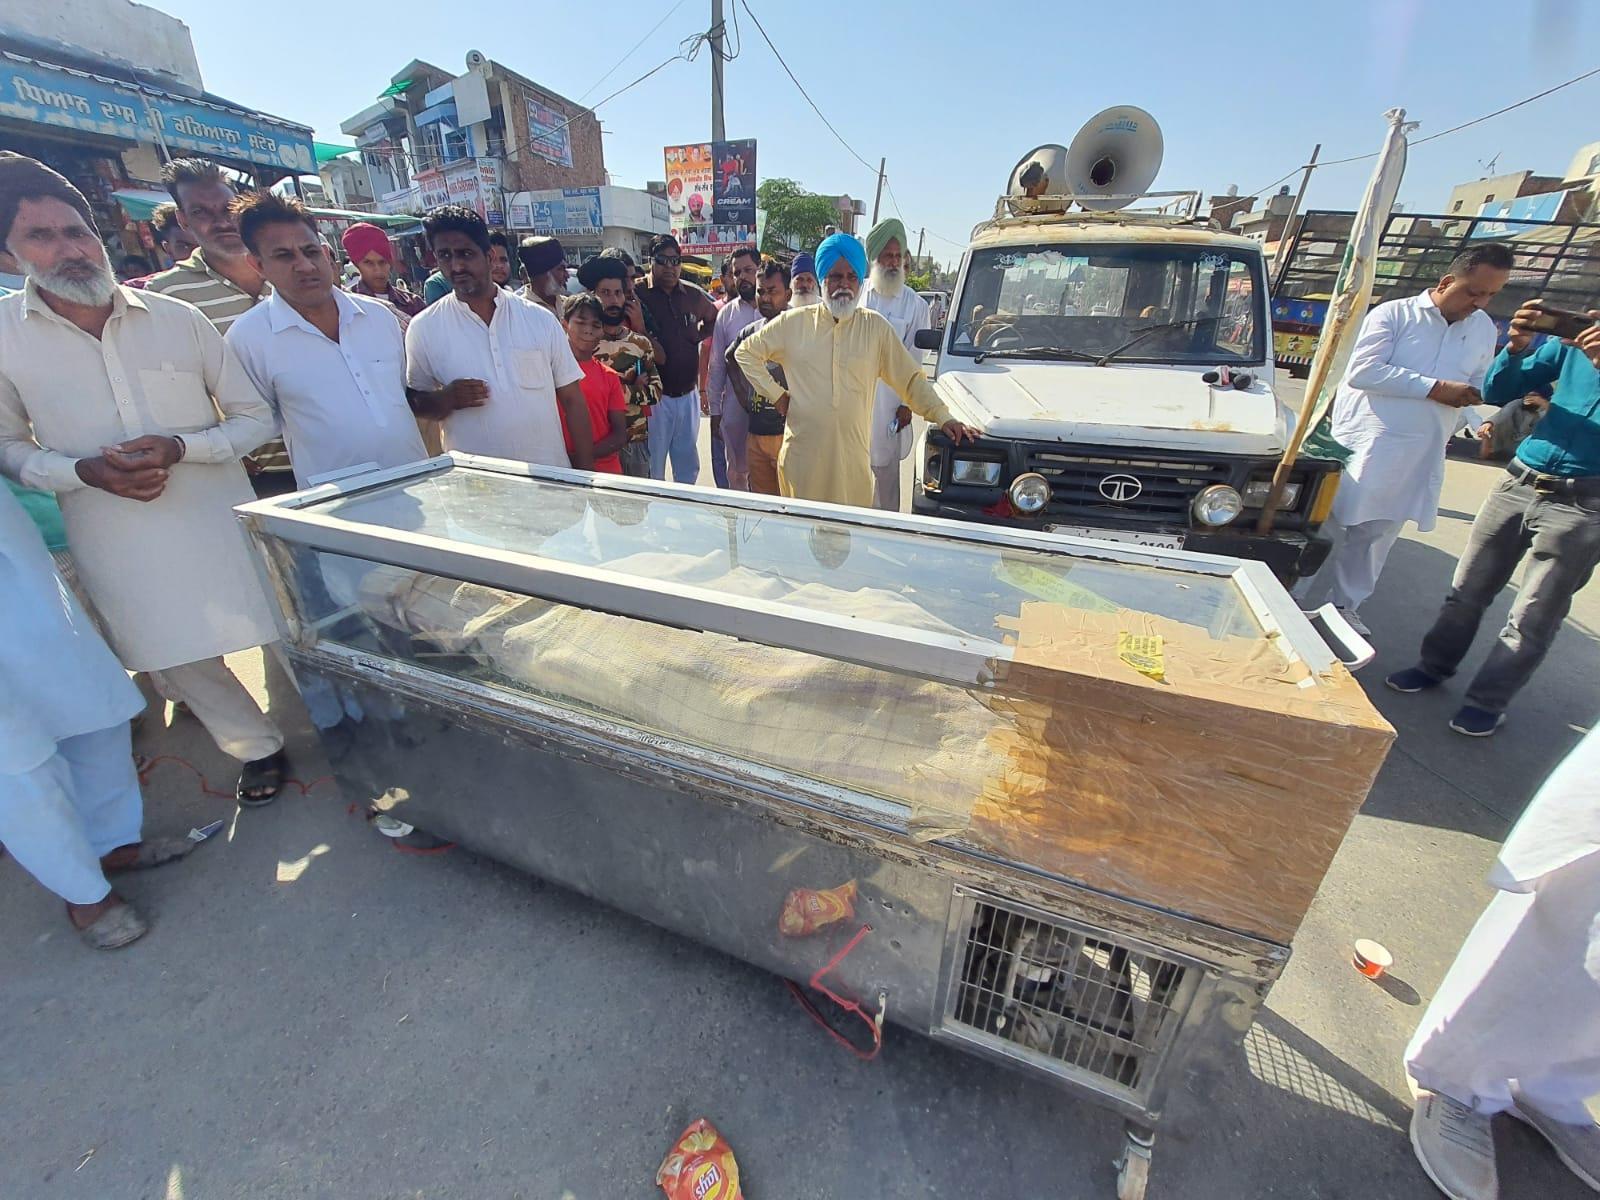 नाके पर आधे घंटे रोके रखी एंबुलेंस; चाबी निकाली, अस्पताल पहुंचने से पहले घायल ने तोड़ा दम|बठिंडा,Bathinda - Dainik Bhaskar